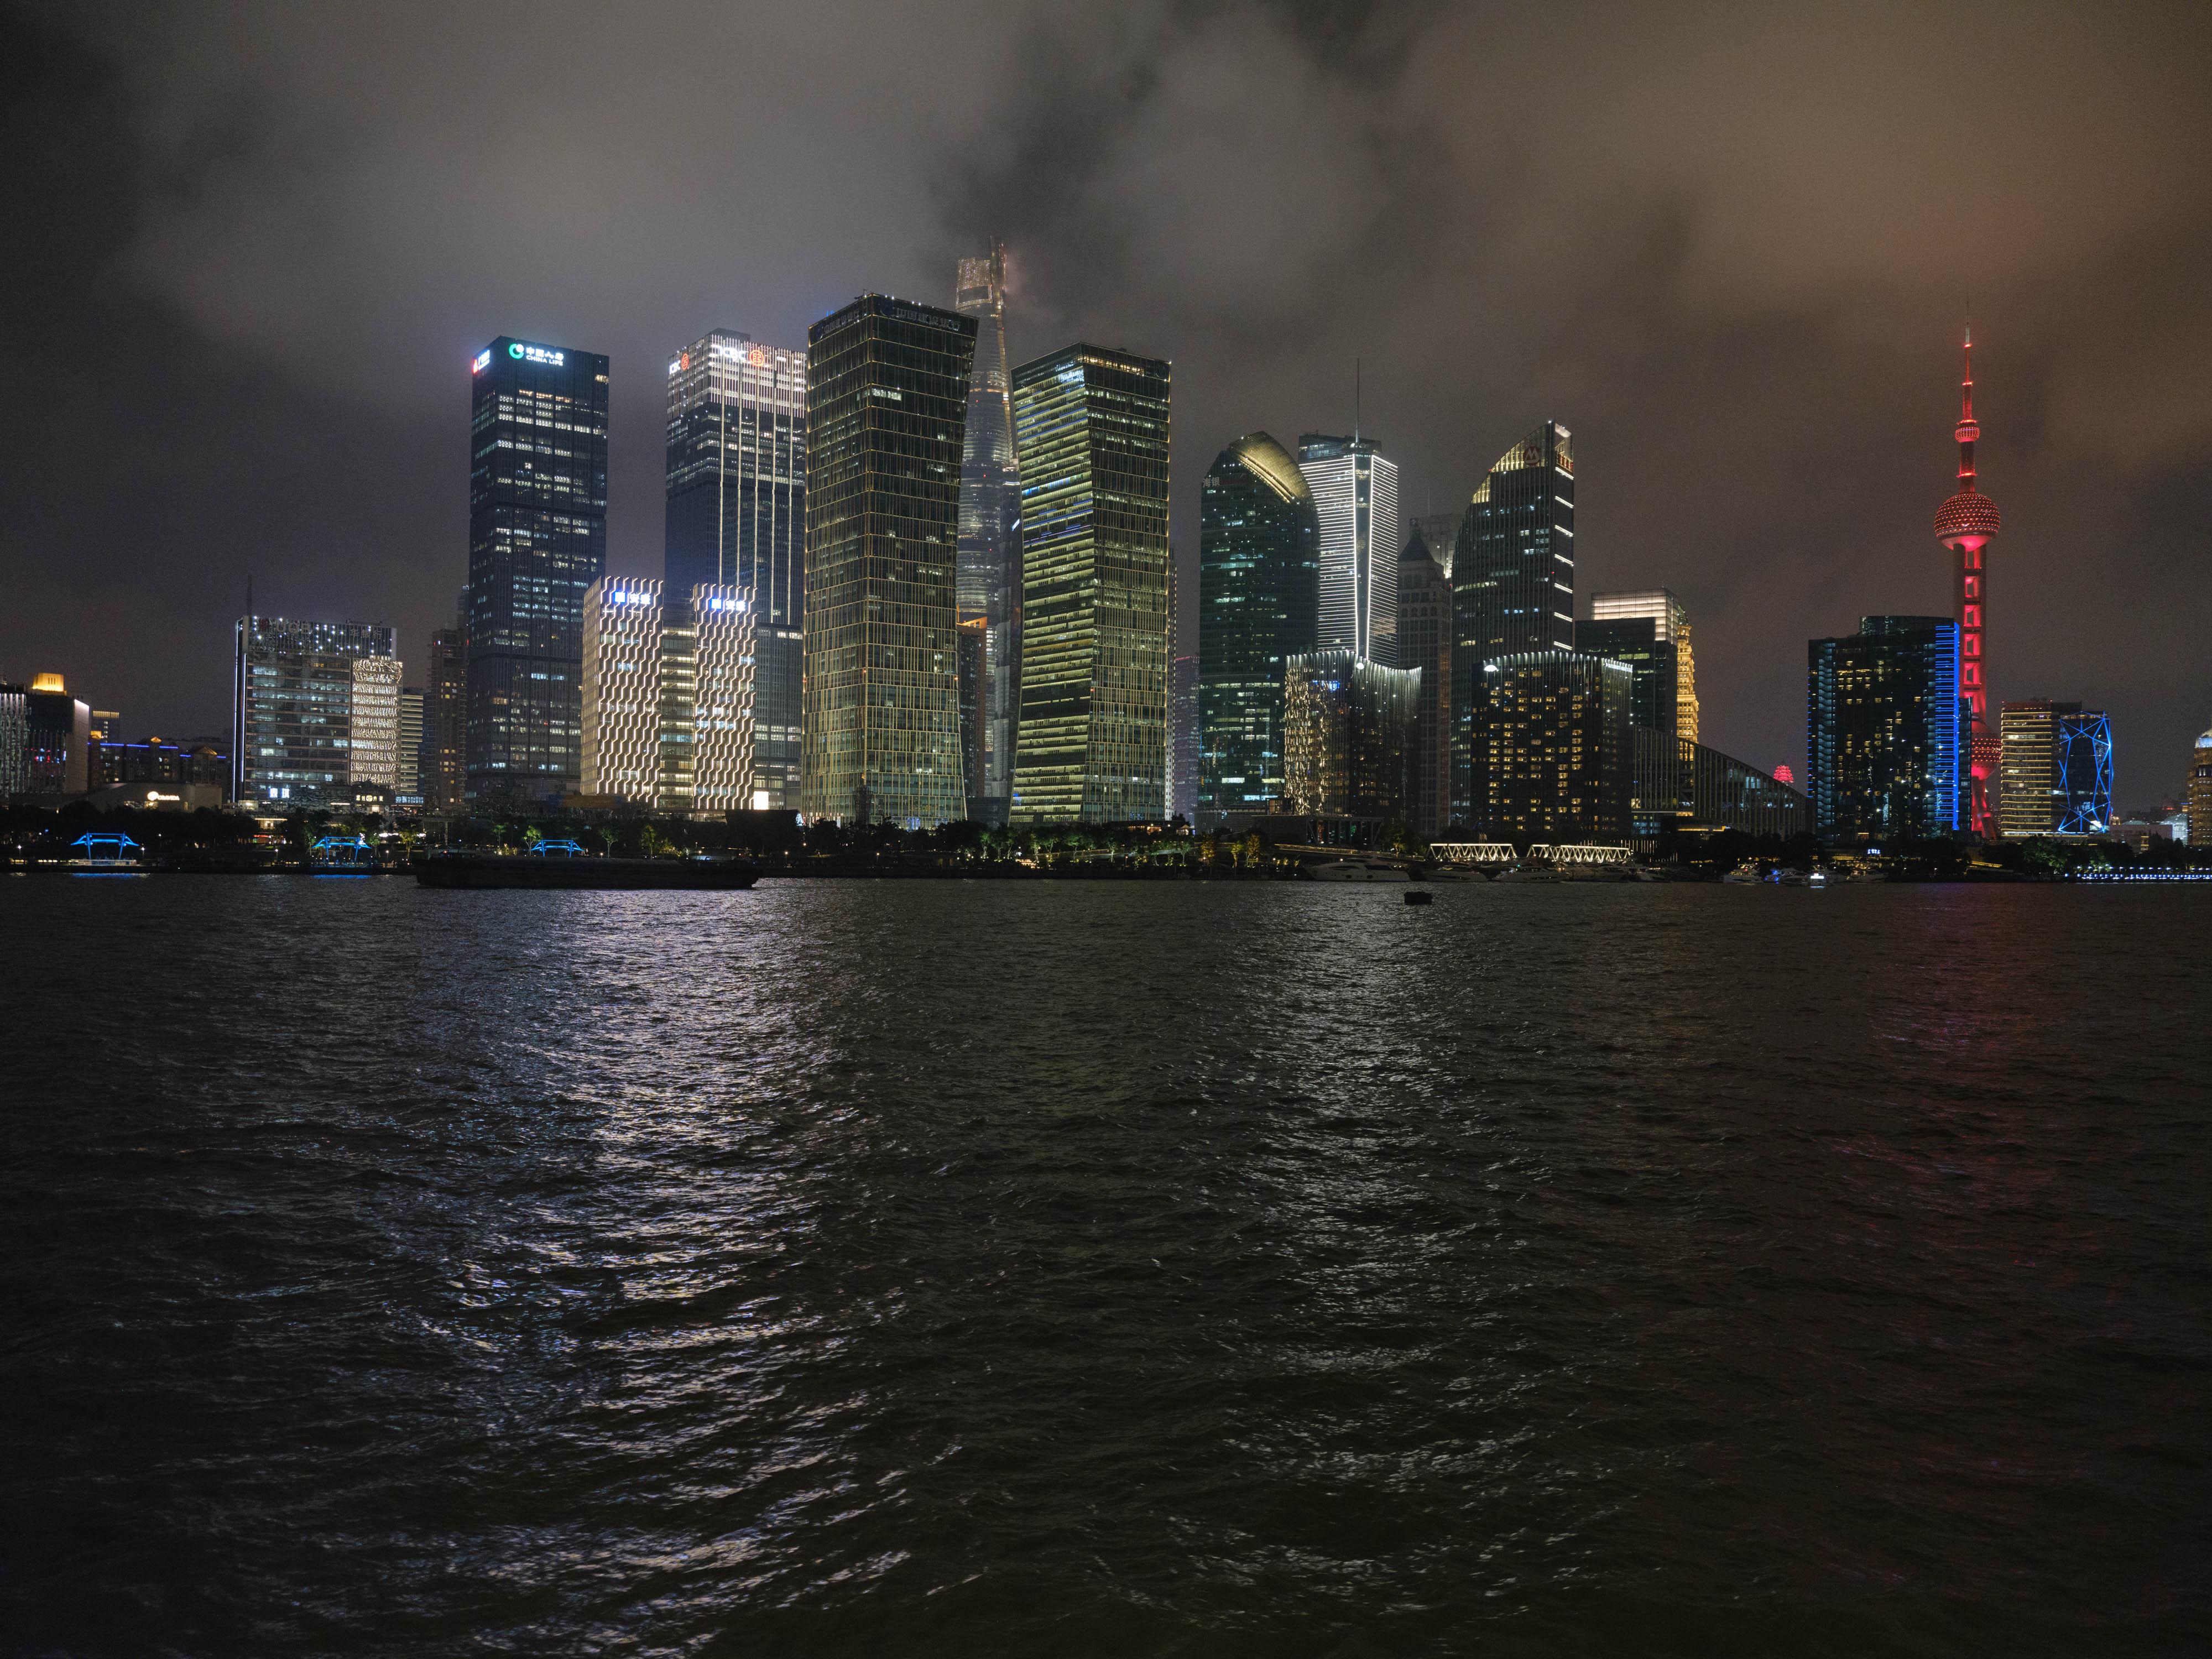 未来城市思辨|NFT艺术交易的碳排放,是一种必要的浪费吗-第3张图片-华润娱乐